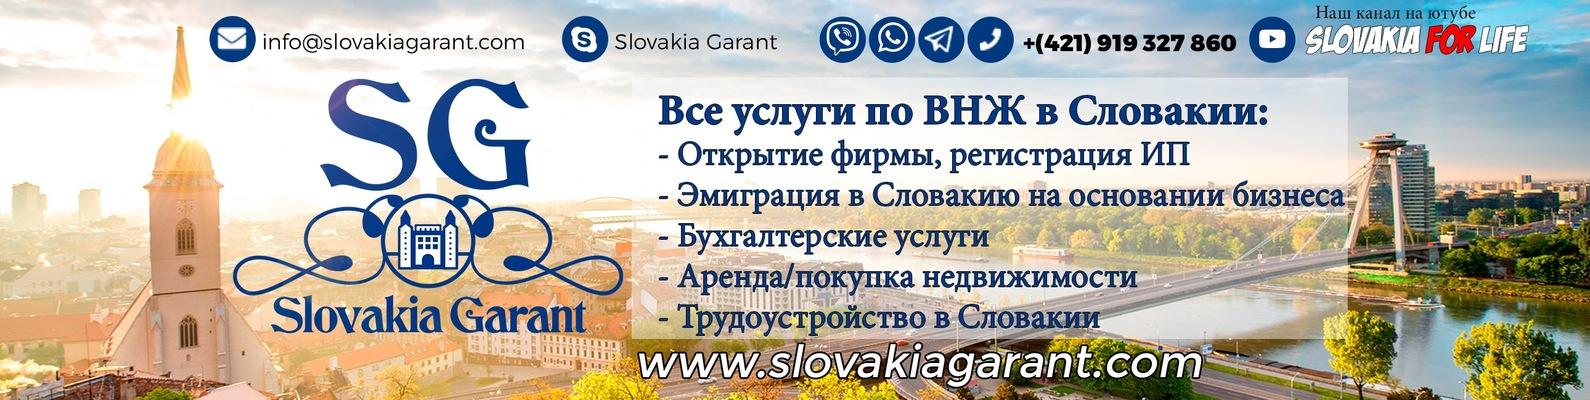 Открытие фирма словакия бизнес план производство гипсокартон